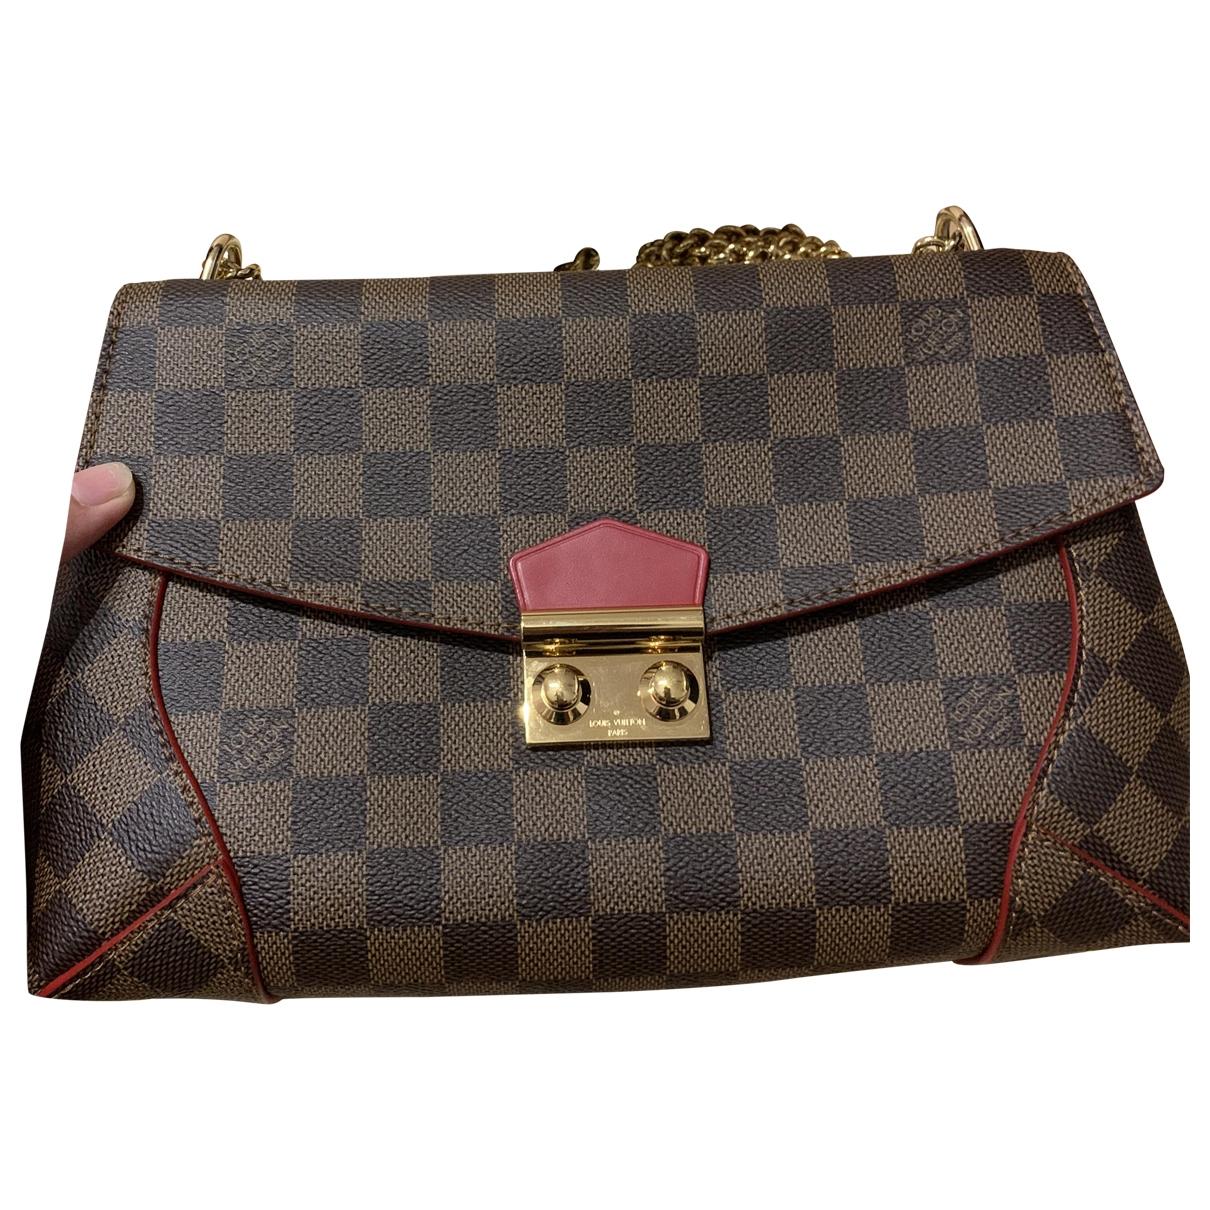 Bolso  Caissa de Lona Louis Vuitton